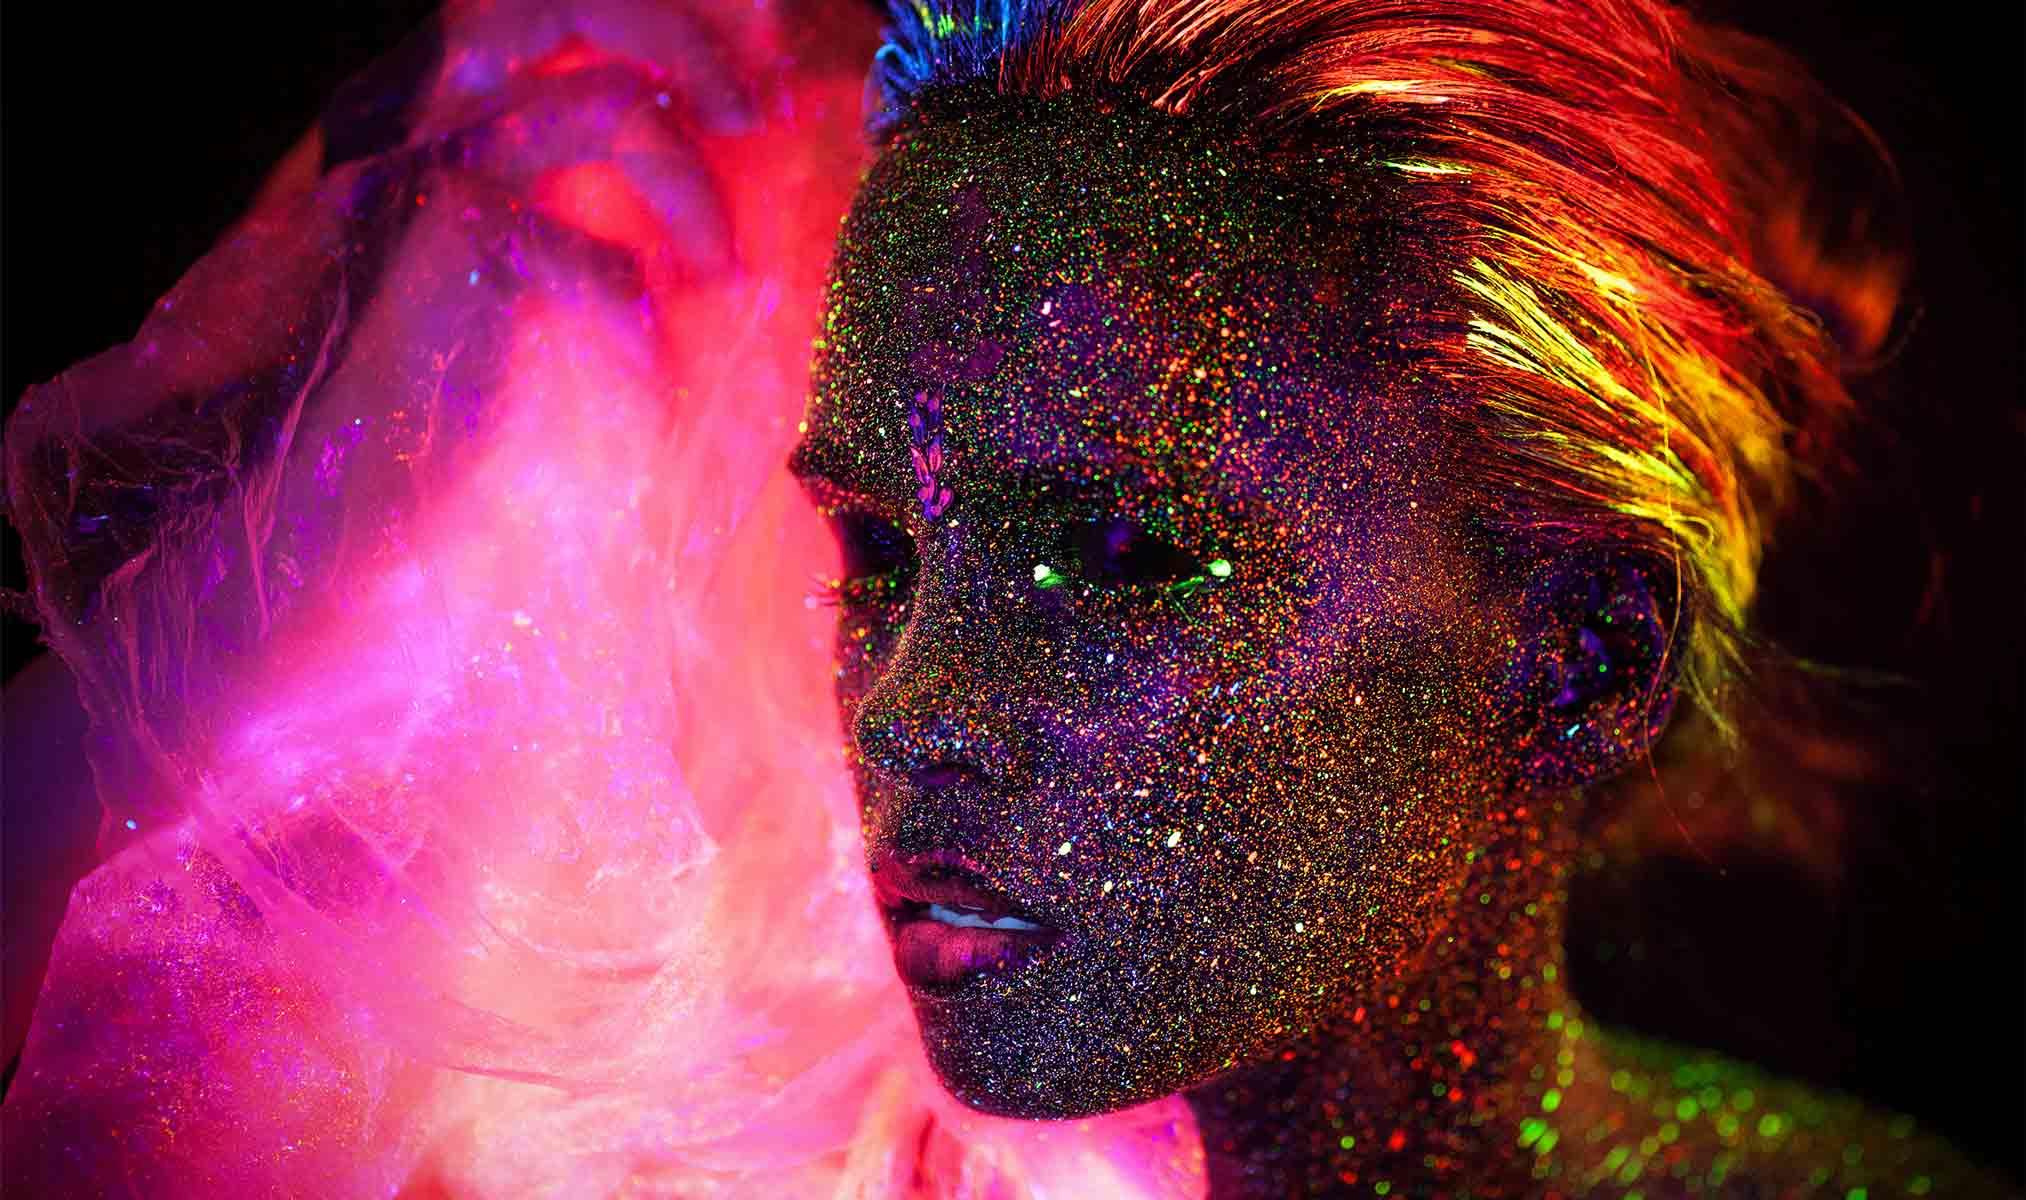 Artystyczny makijaż wykonany farbami ultrafioletowymi przedstawiający muzę z efektami specjalnymi